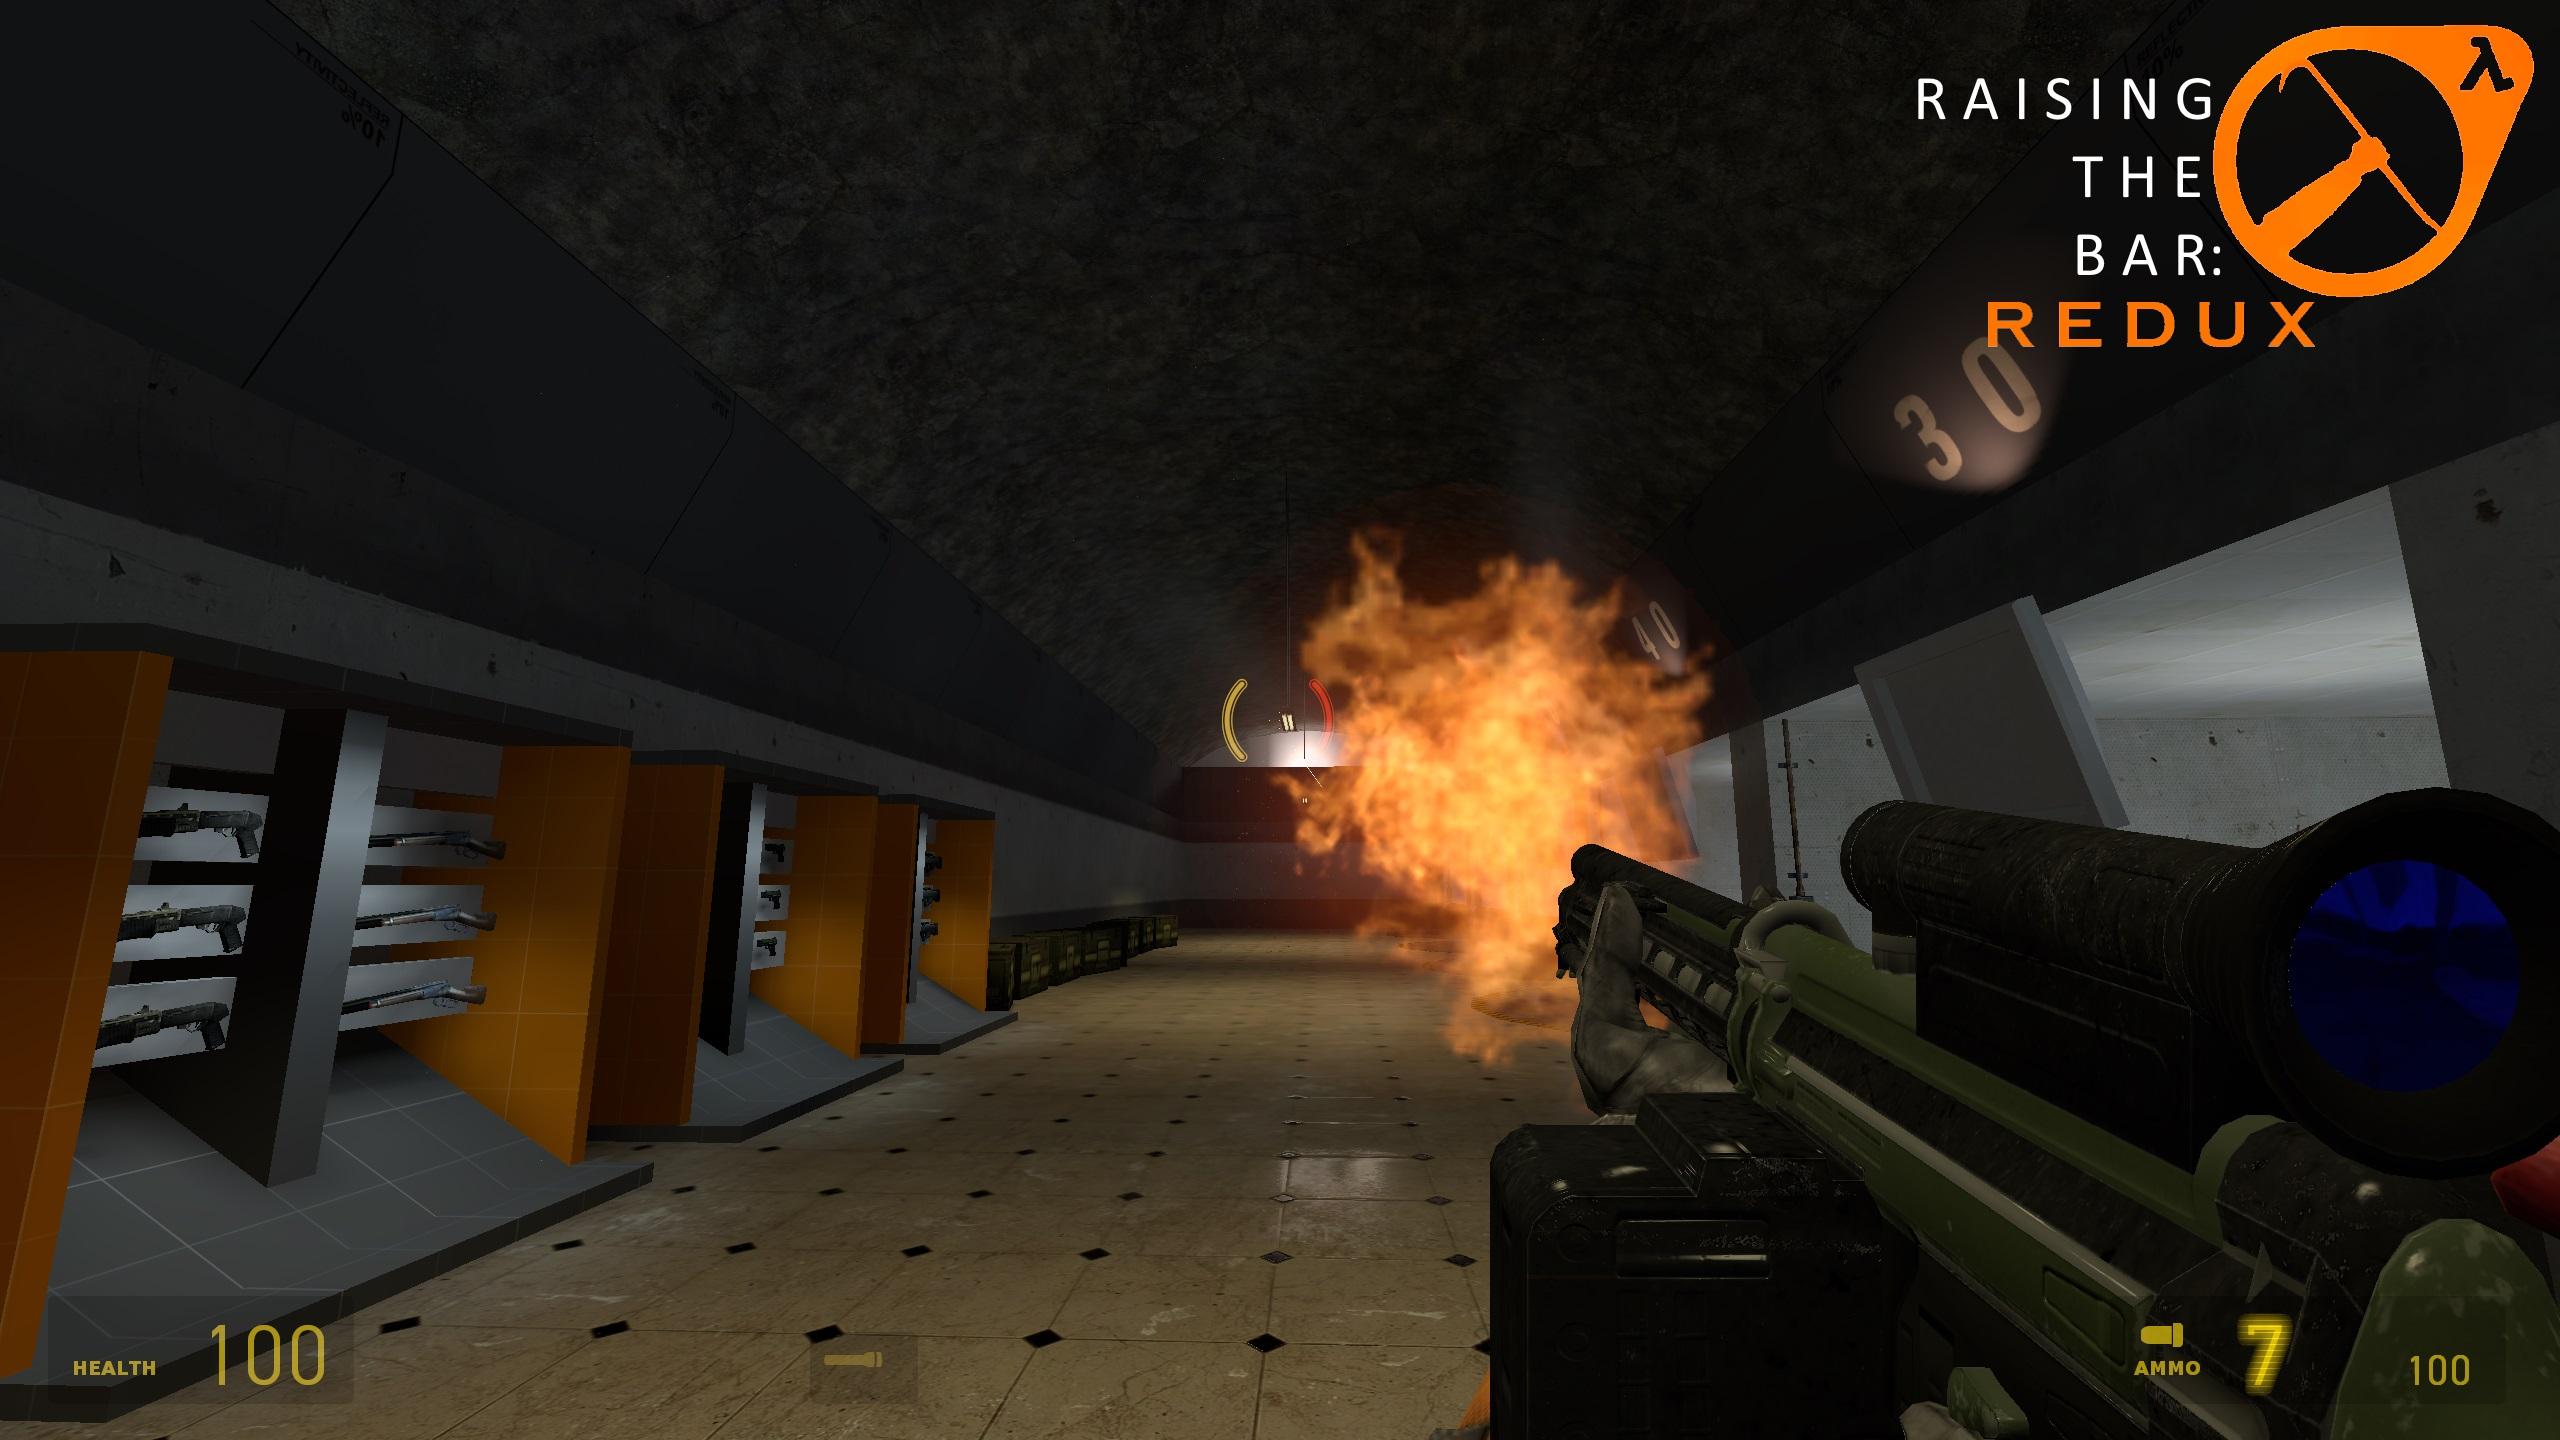 machinegun arms